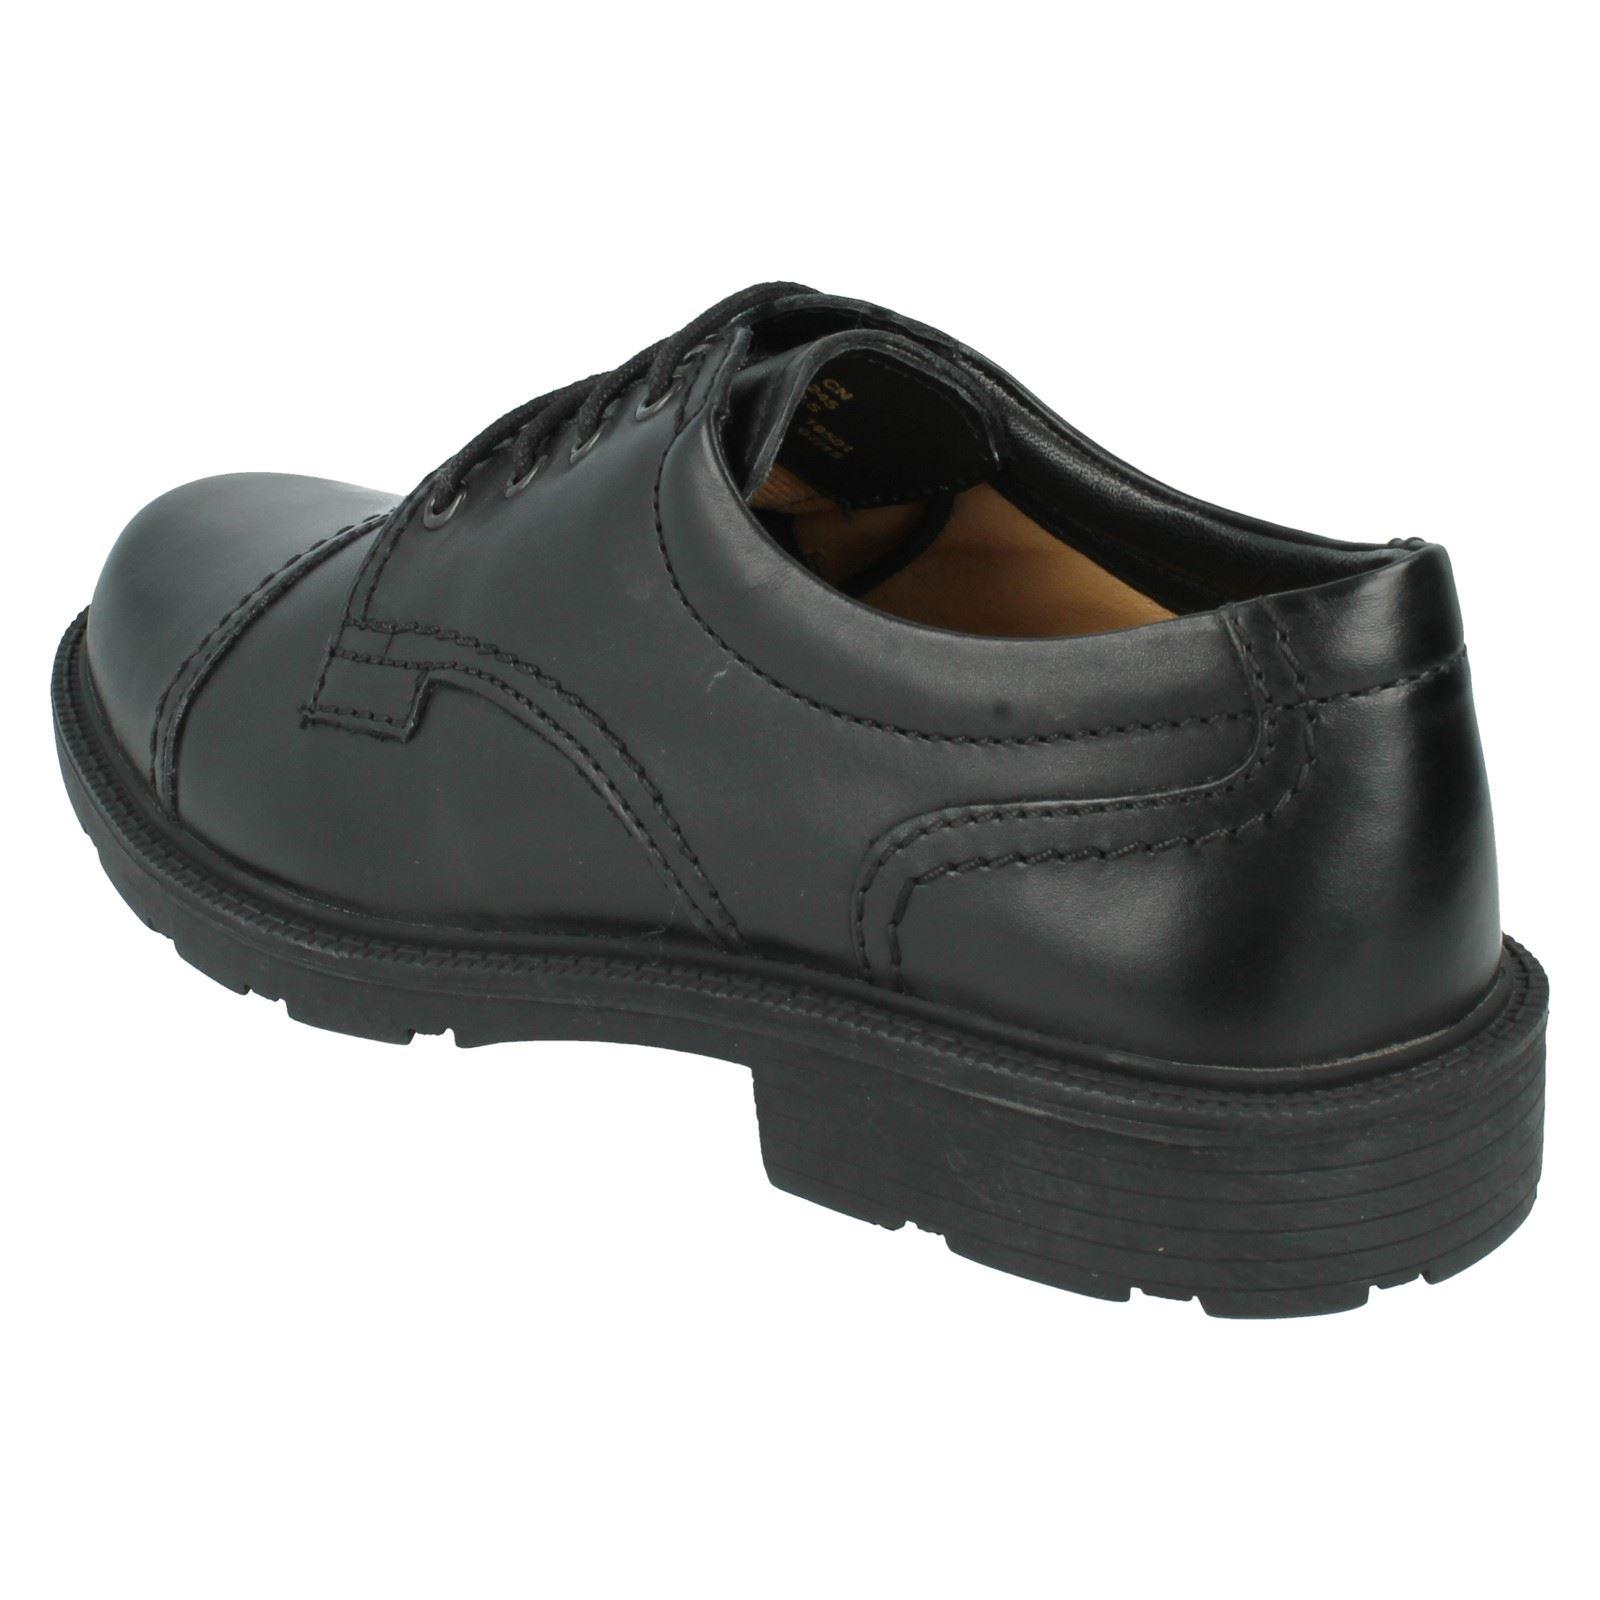 Clarks Lair Cap Lace Up Shoes